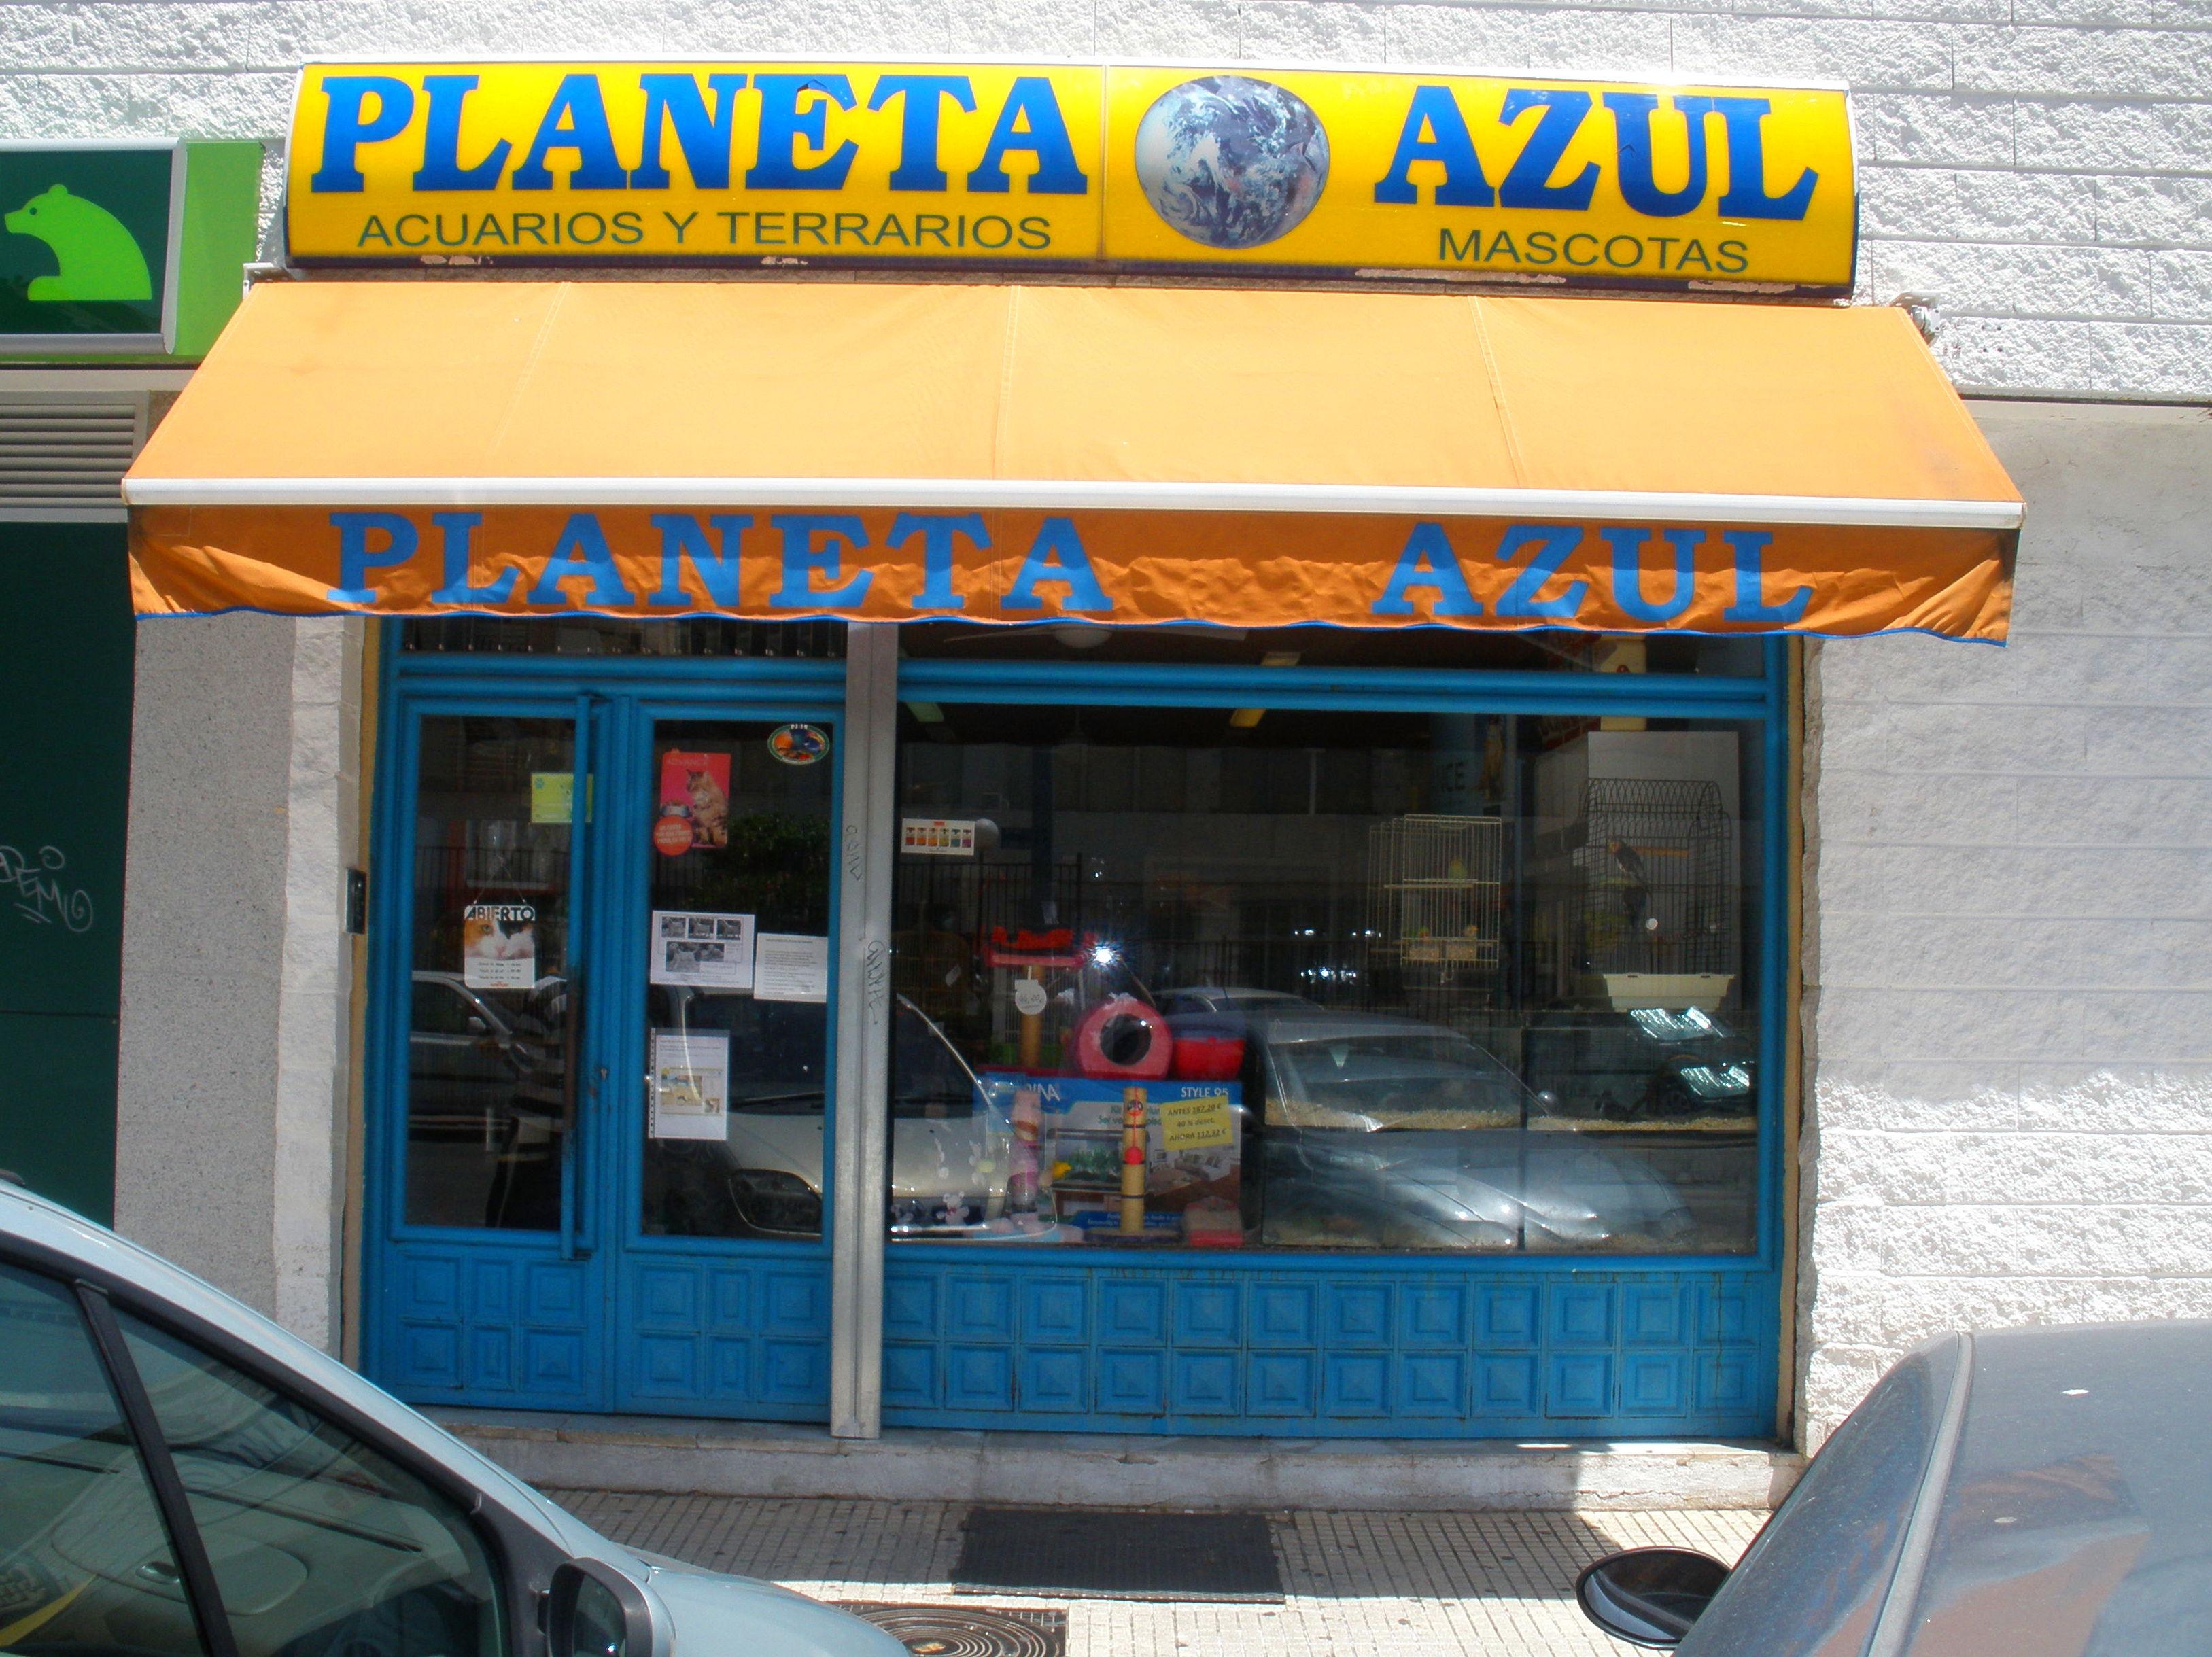 Foto 1 de Alimentos para animales en Alcalá de Henares | Planeta Azul